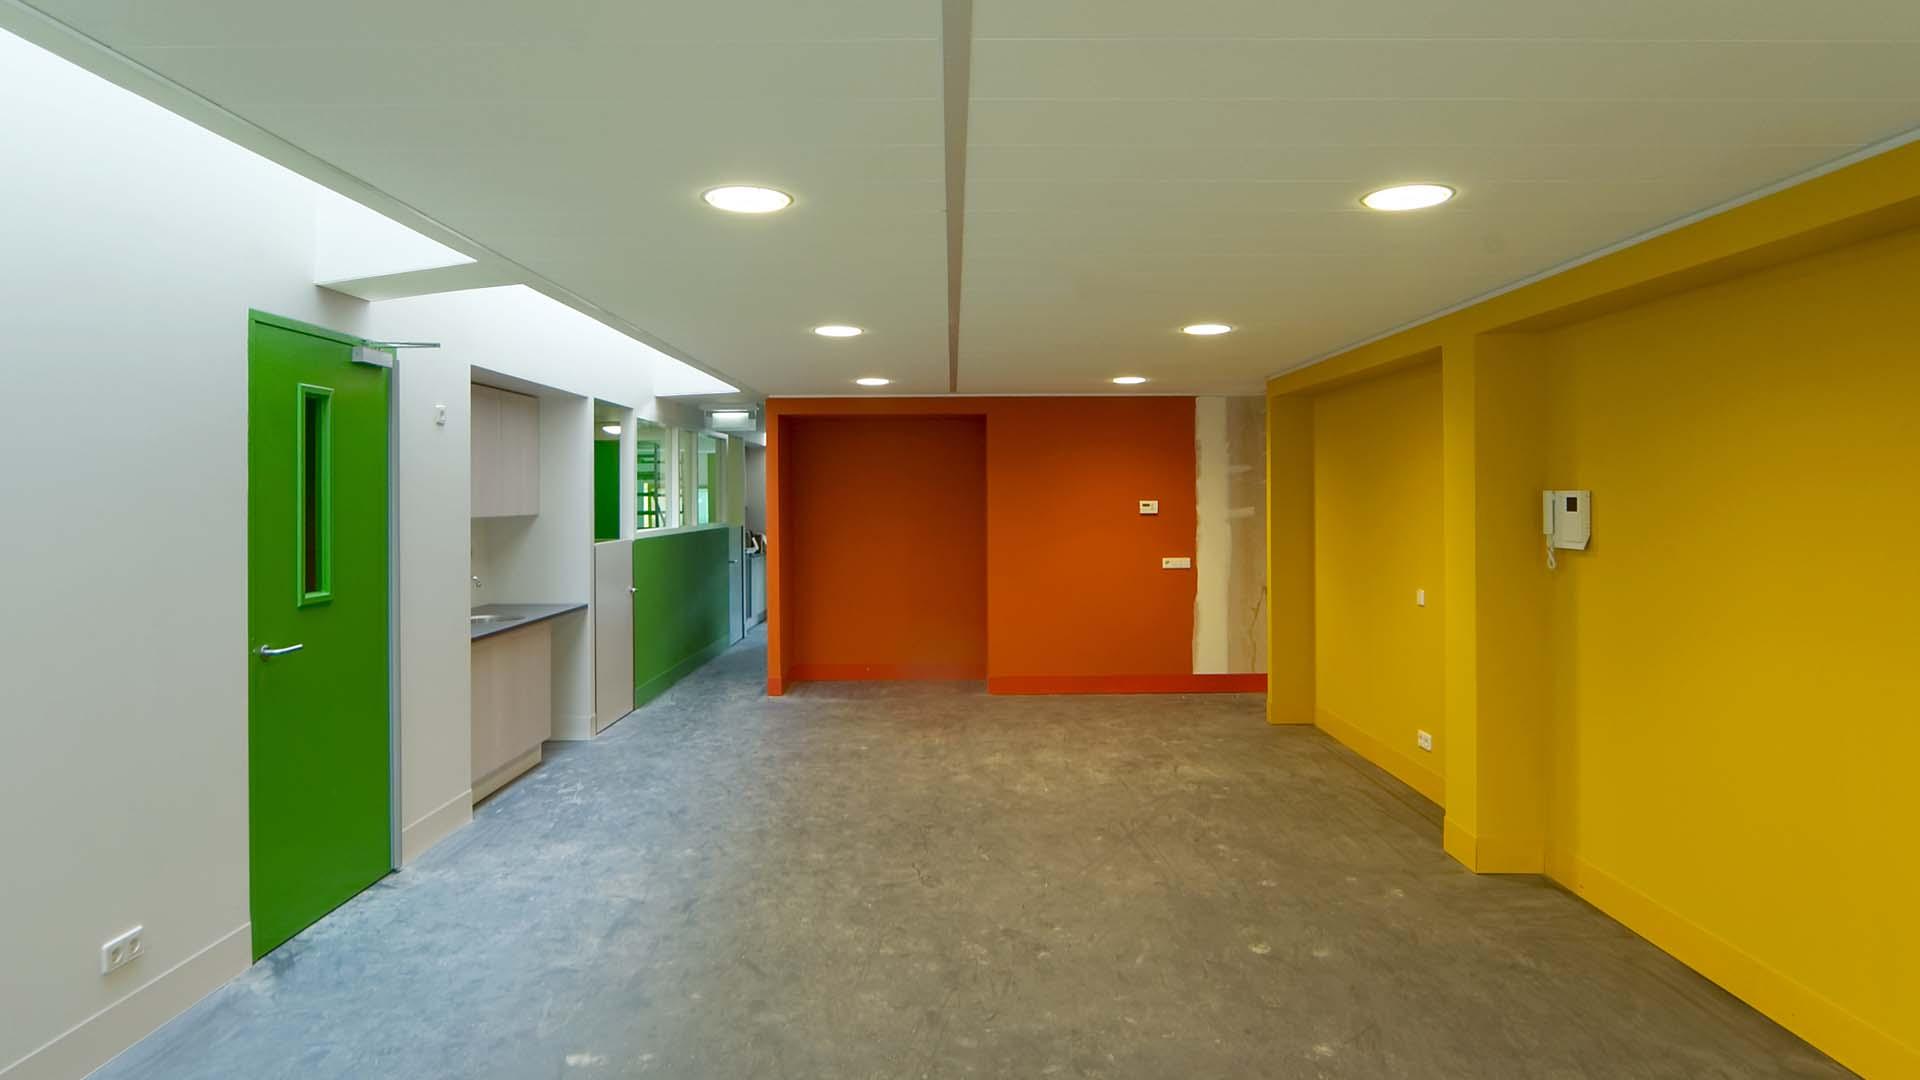 0243_Vensterschool Groningen_06